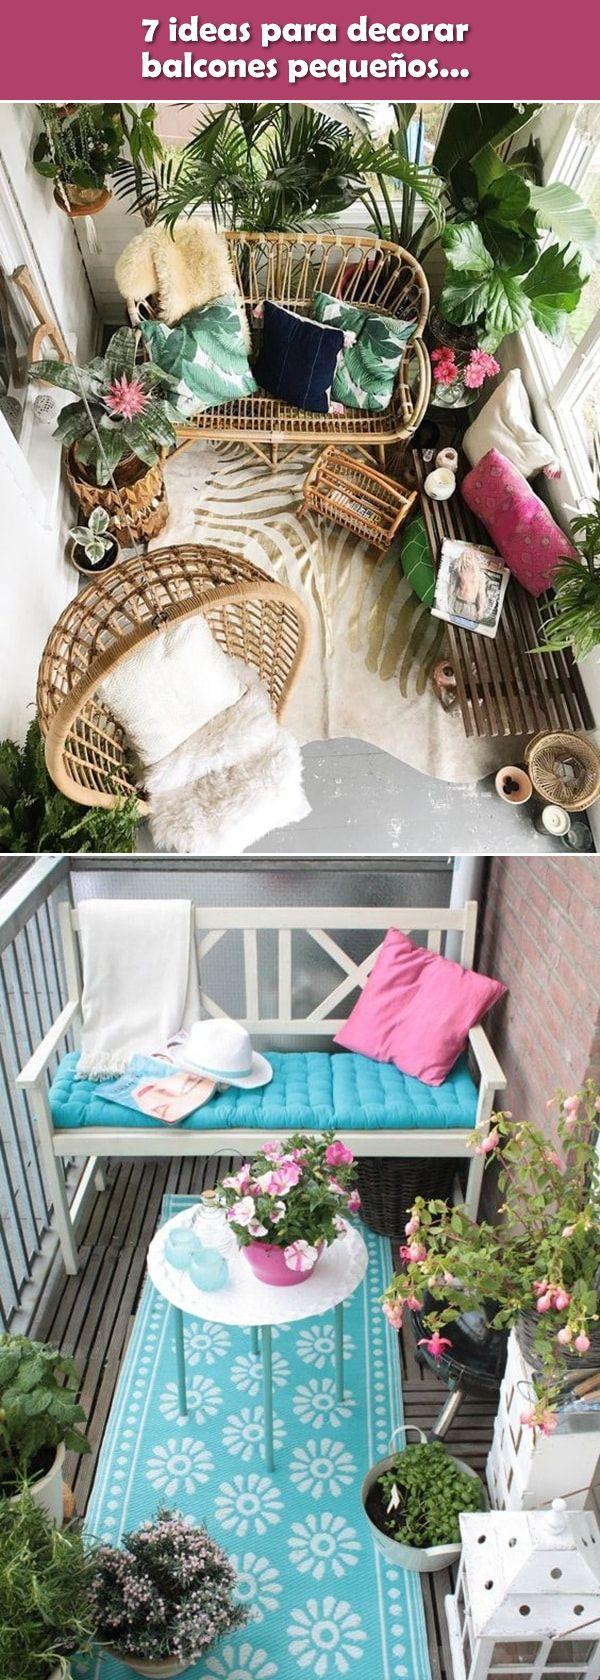 7 ideas para decorar balcones pequeños. Balcones de departamentos pequeños. #balcones #decoracionexterior